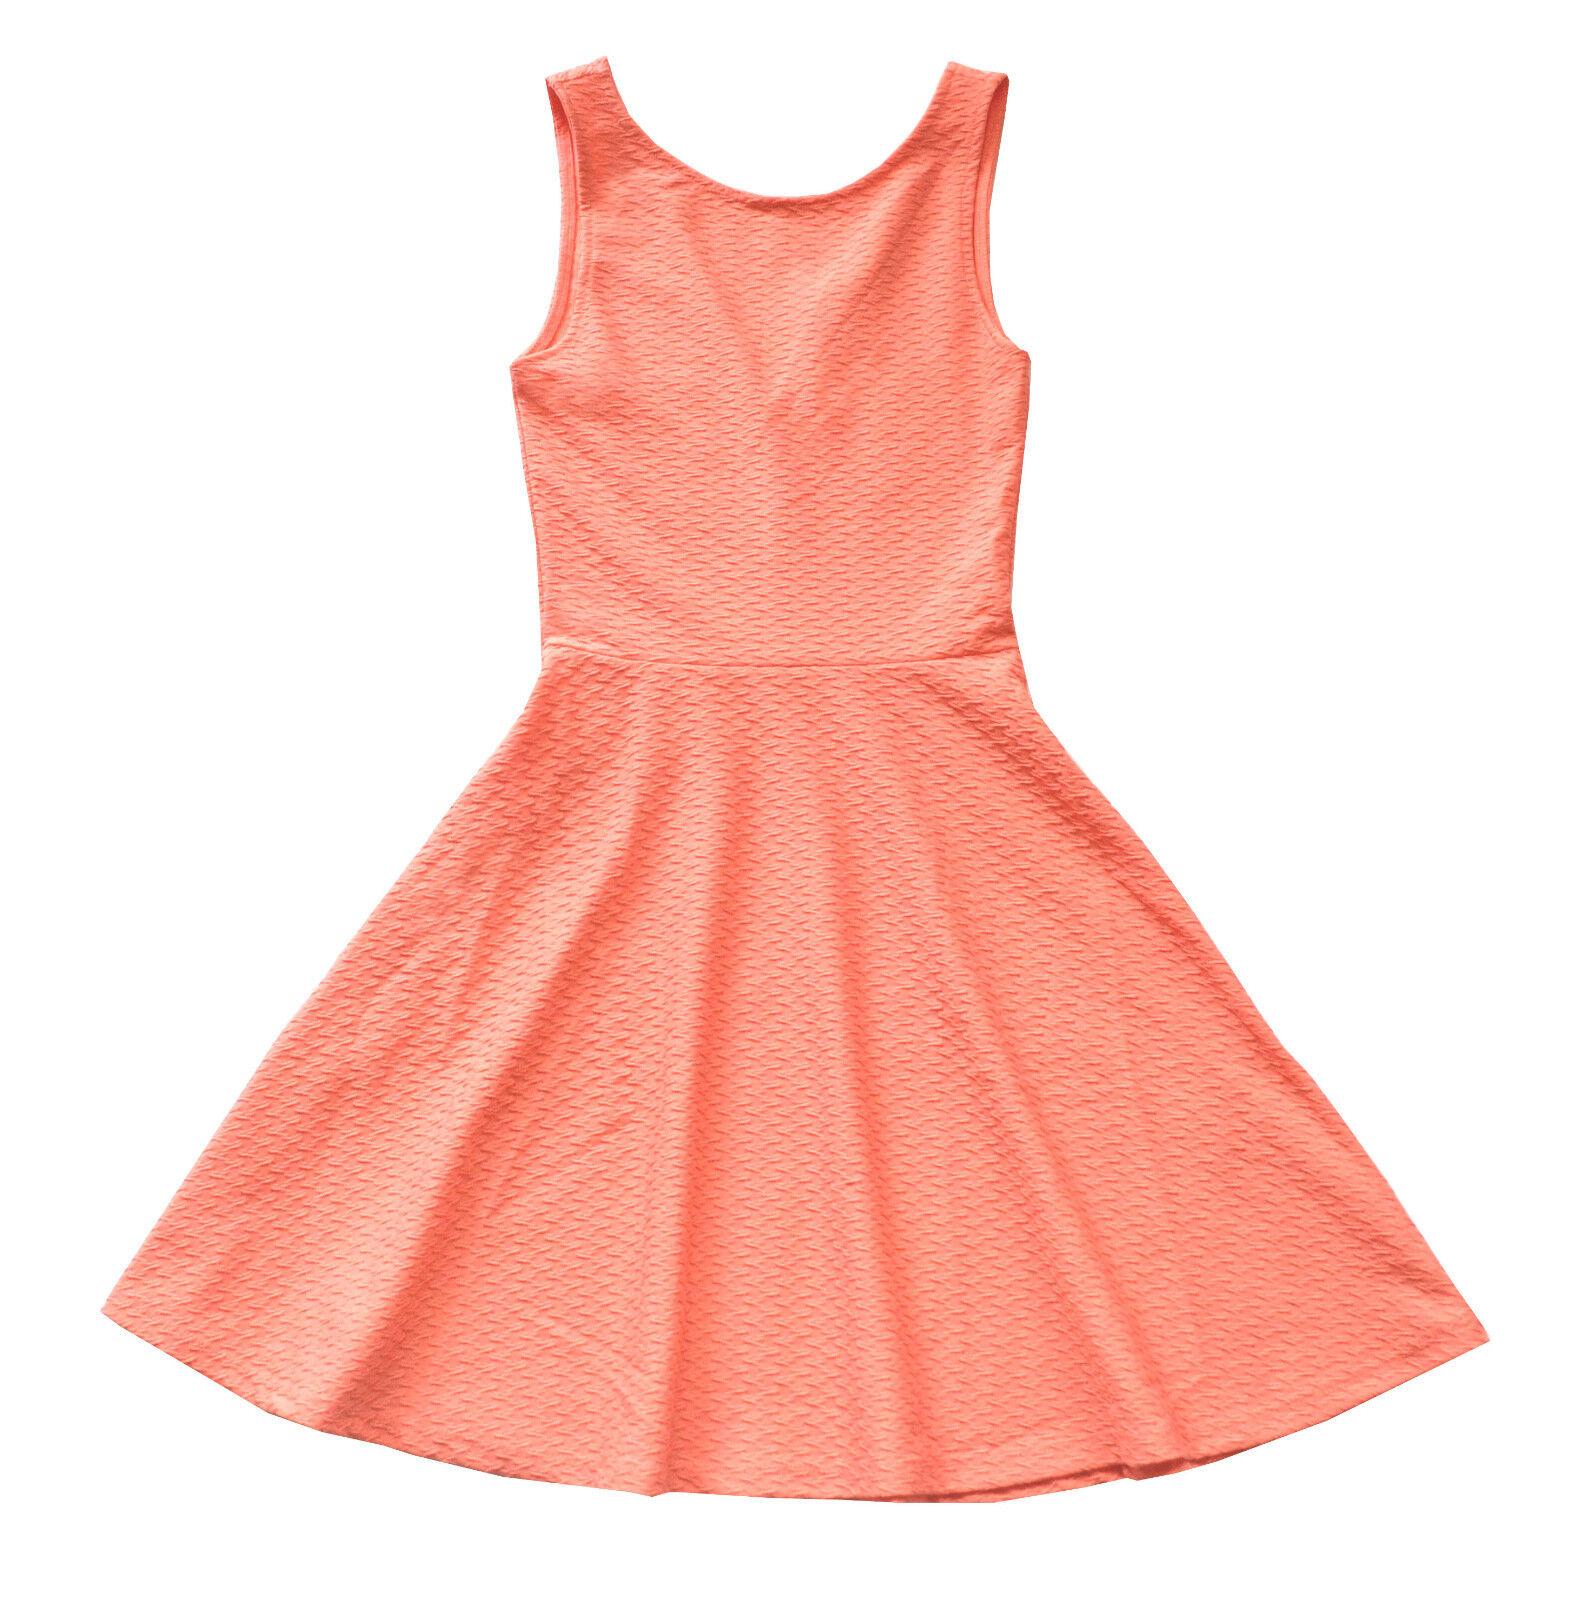 new product 0e458 2df0a Abendkleider Teenager Vergleich Test +++ Abendkleider ...